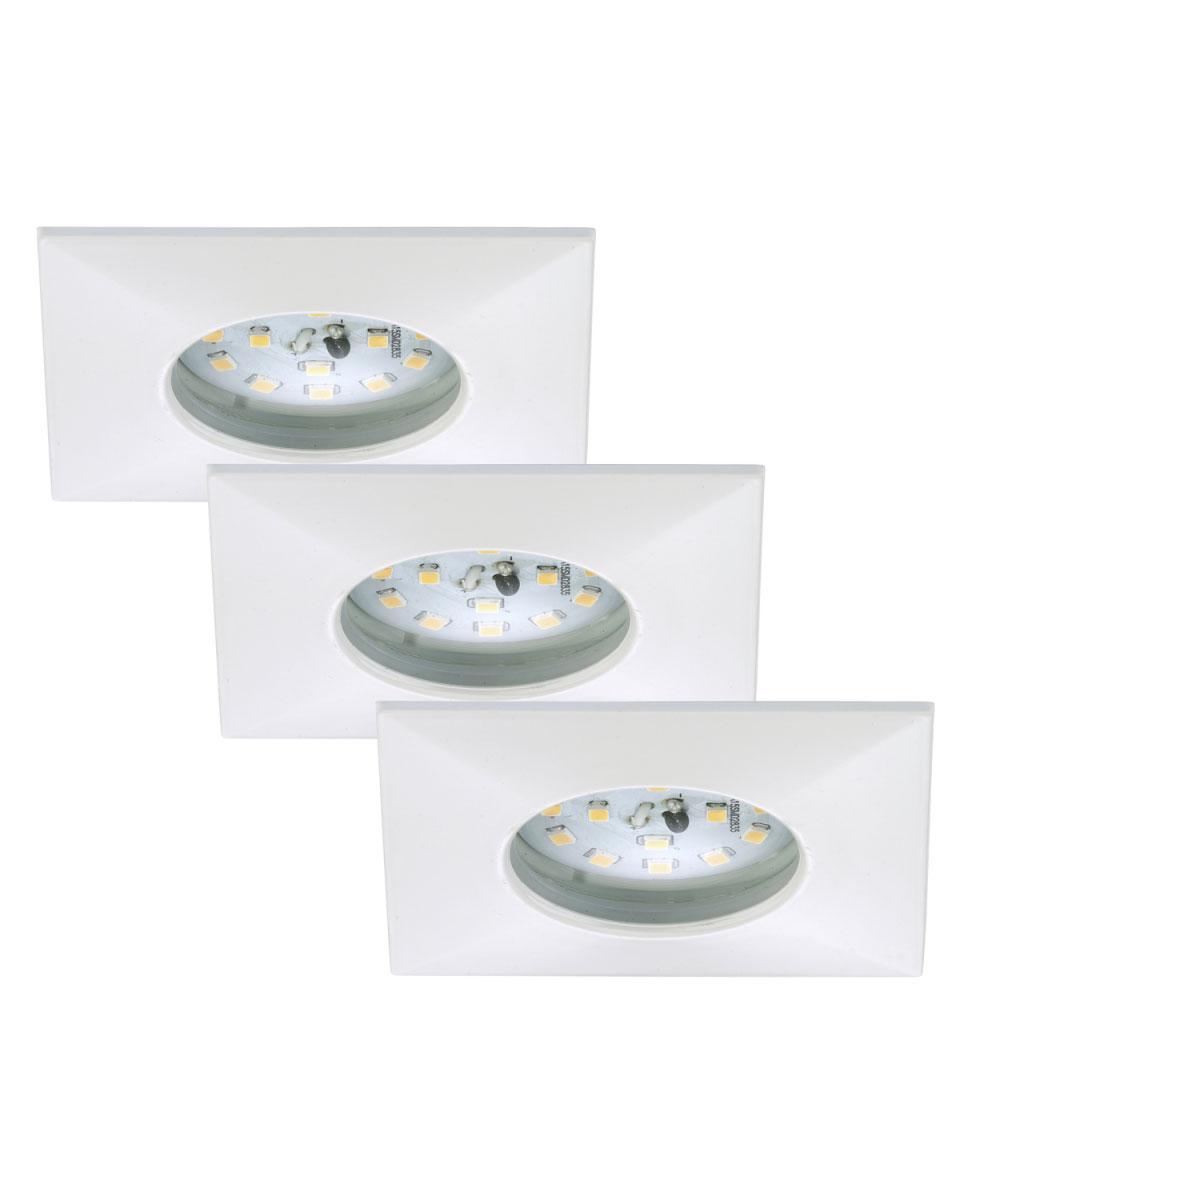 Deckenleuchten - LED Einbauleuchte 3er Set, weiß, eckig  - Onlineshop Hellweg